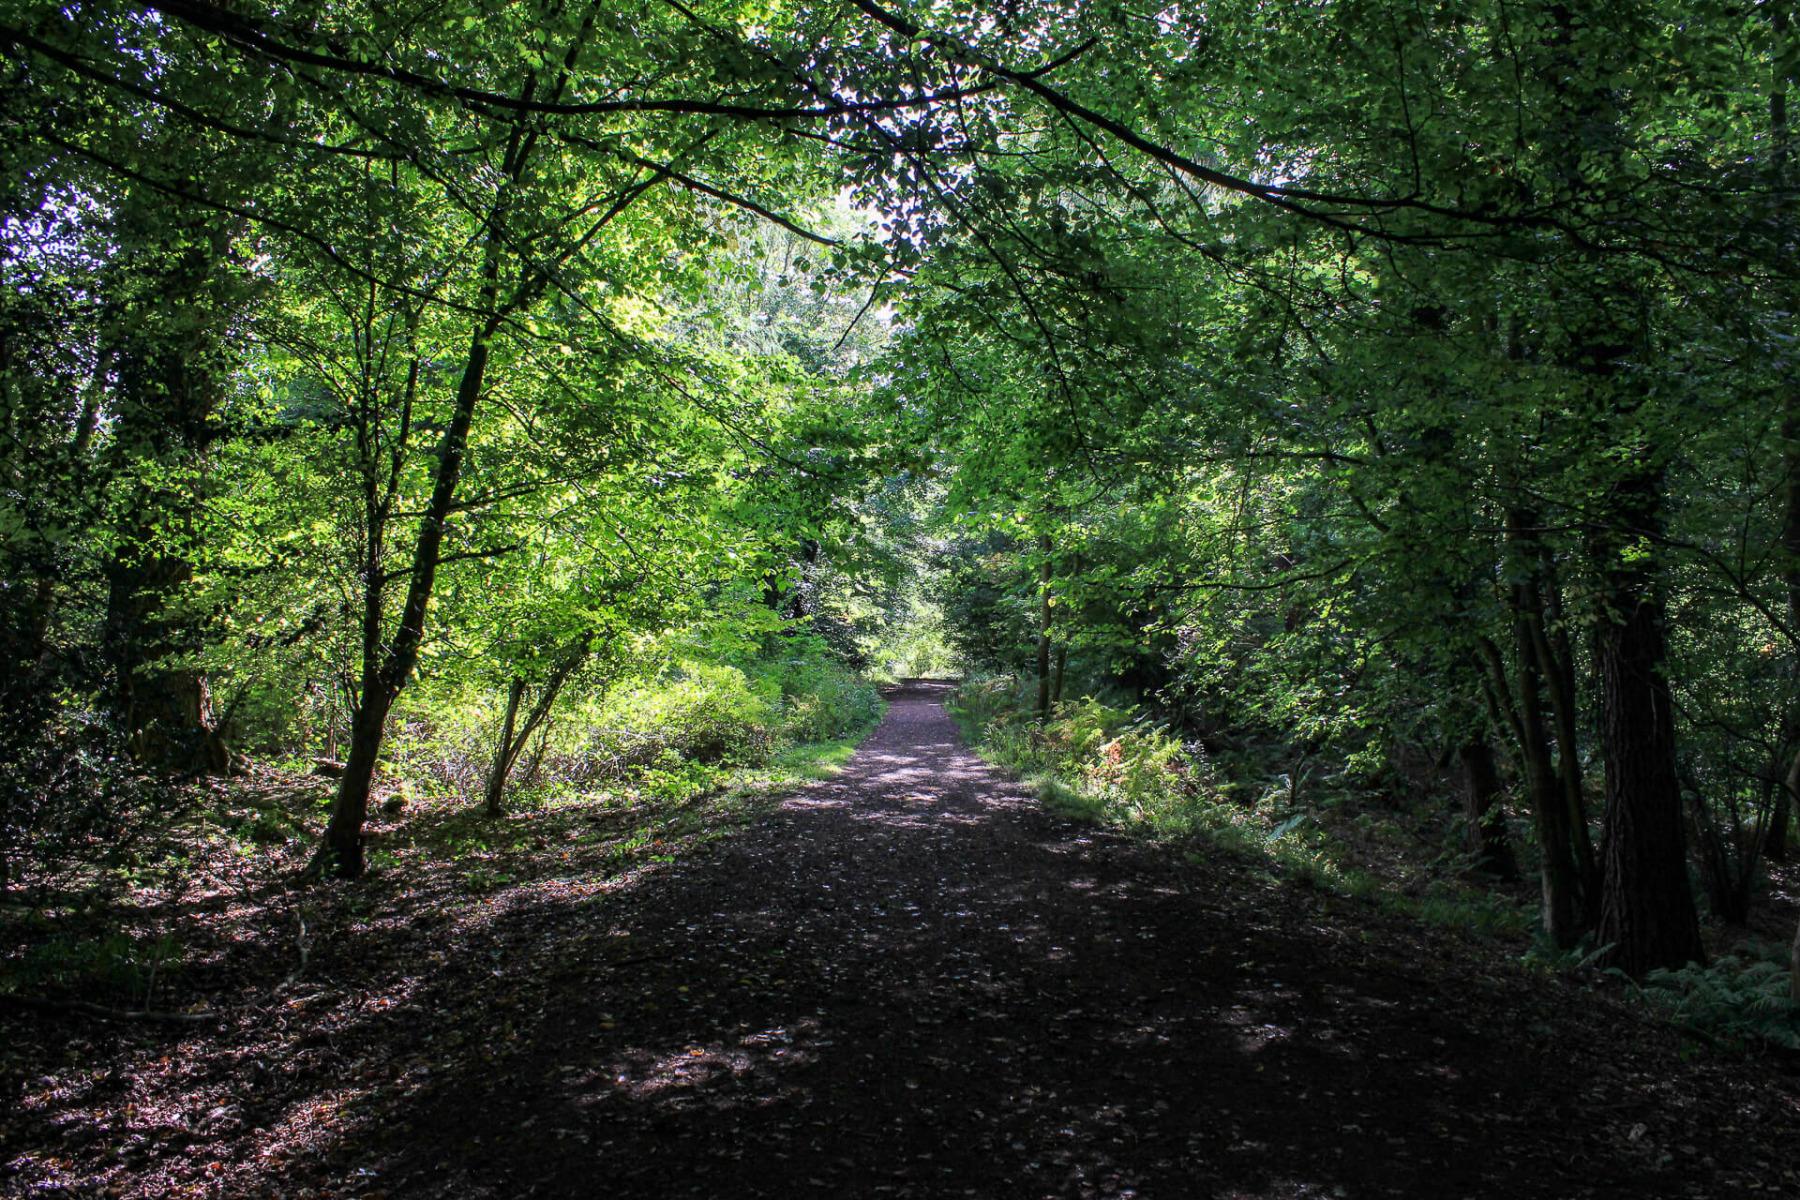 symonds-yat-trail-walk-path-1